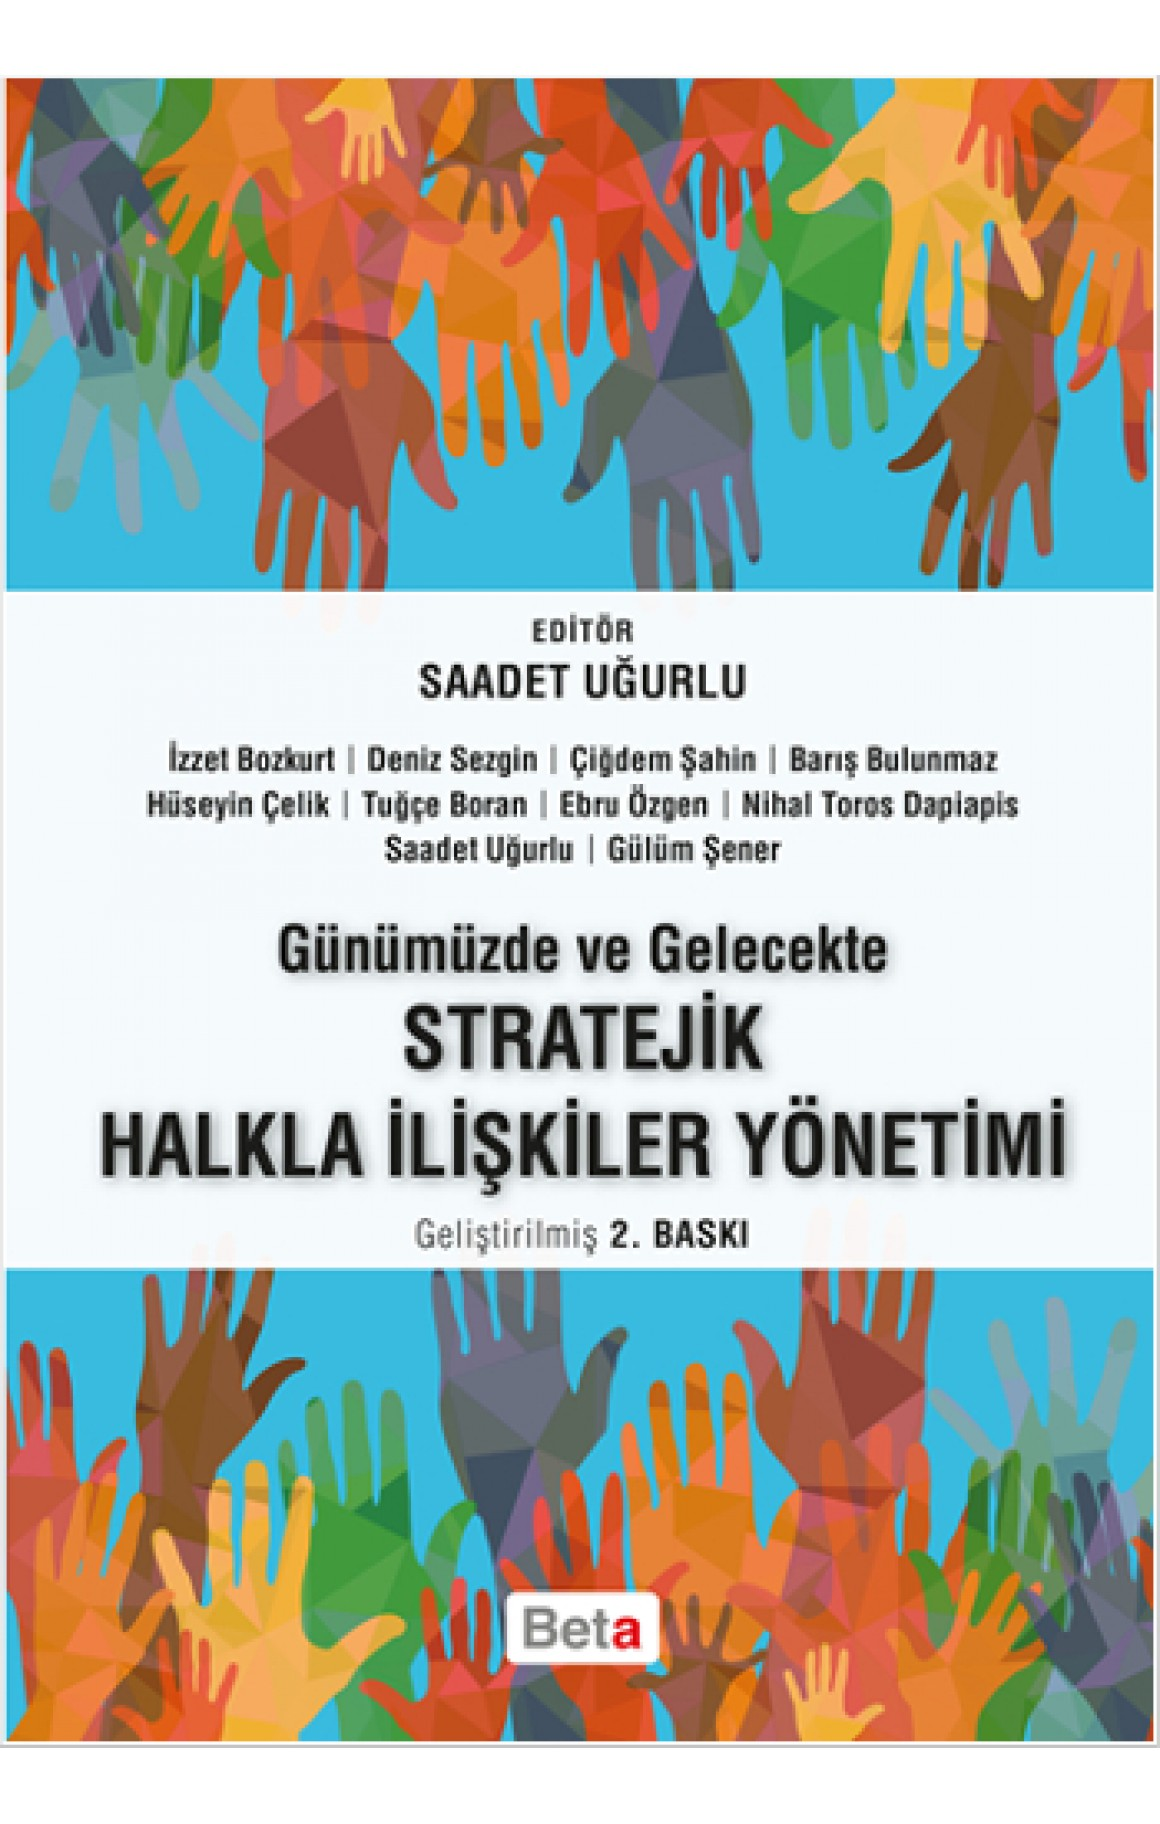 Günümüzde ve Gelecekte Stratejik Halkla İlişkiler Yönetimi